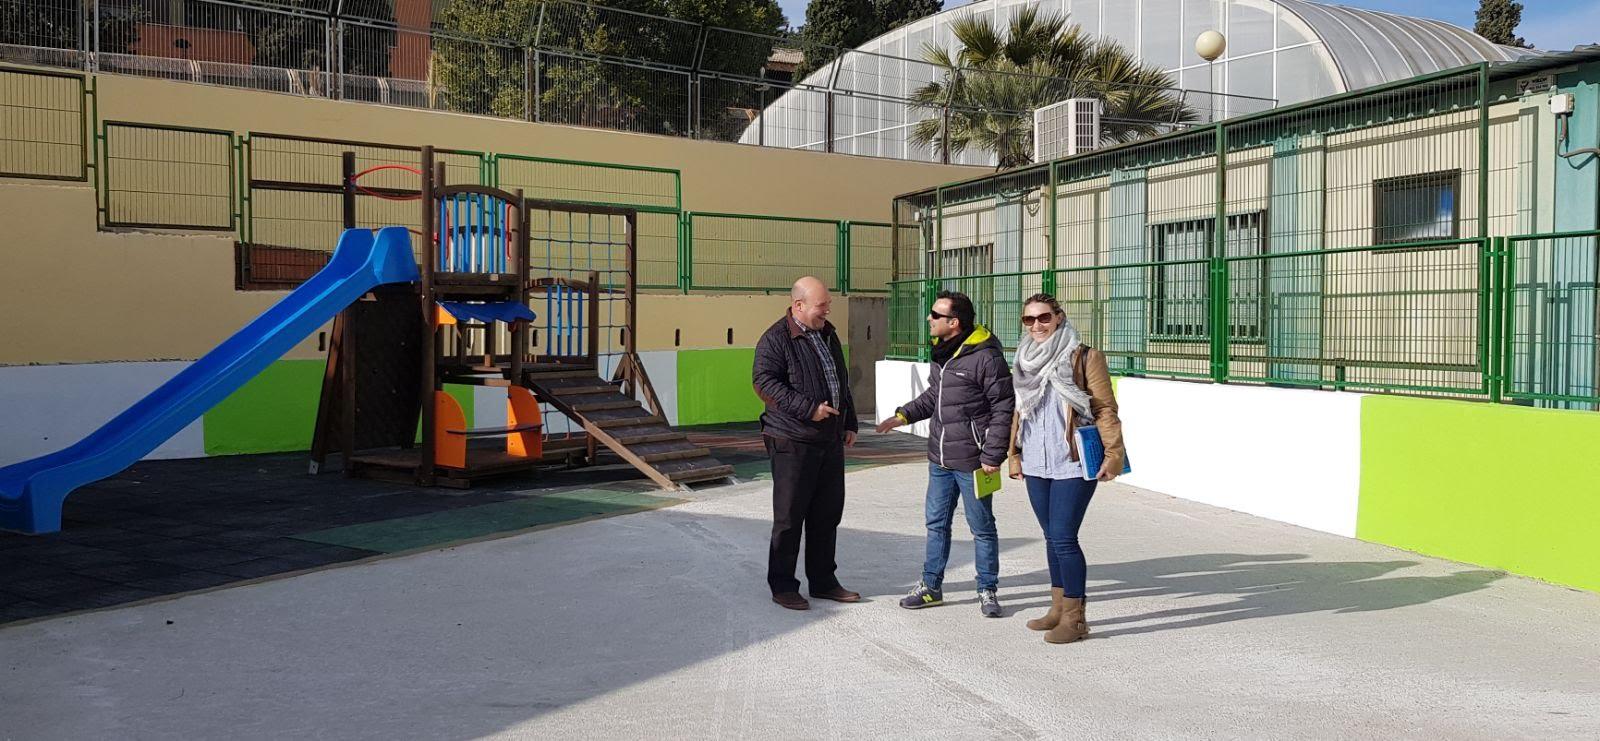 Visita de les autoritats locals al pati de l'escola.